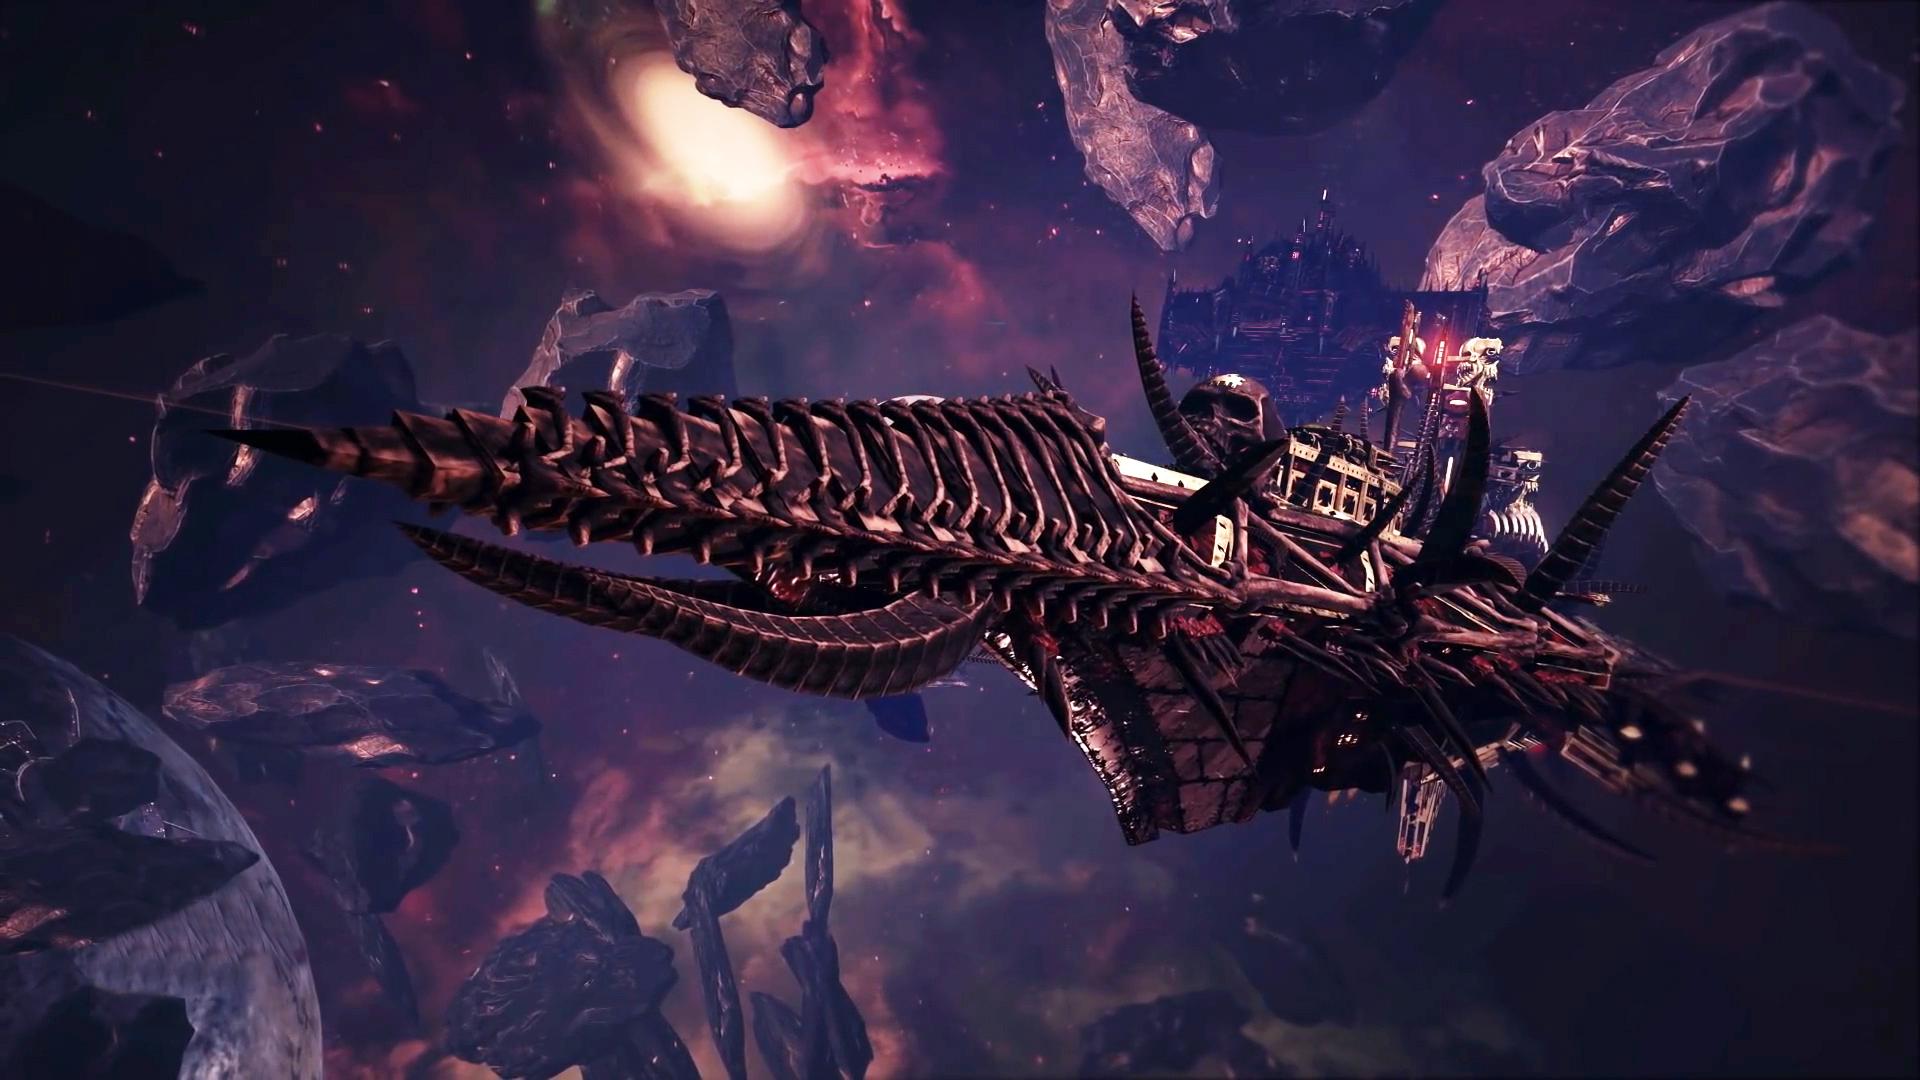 Battlefleet Gothic Armada Chaos Battleship HD Wallpaper 1920x1080